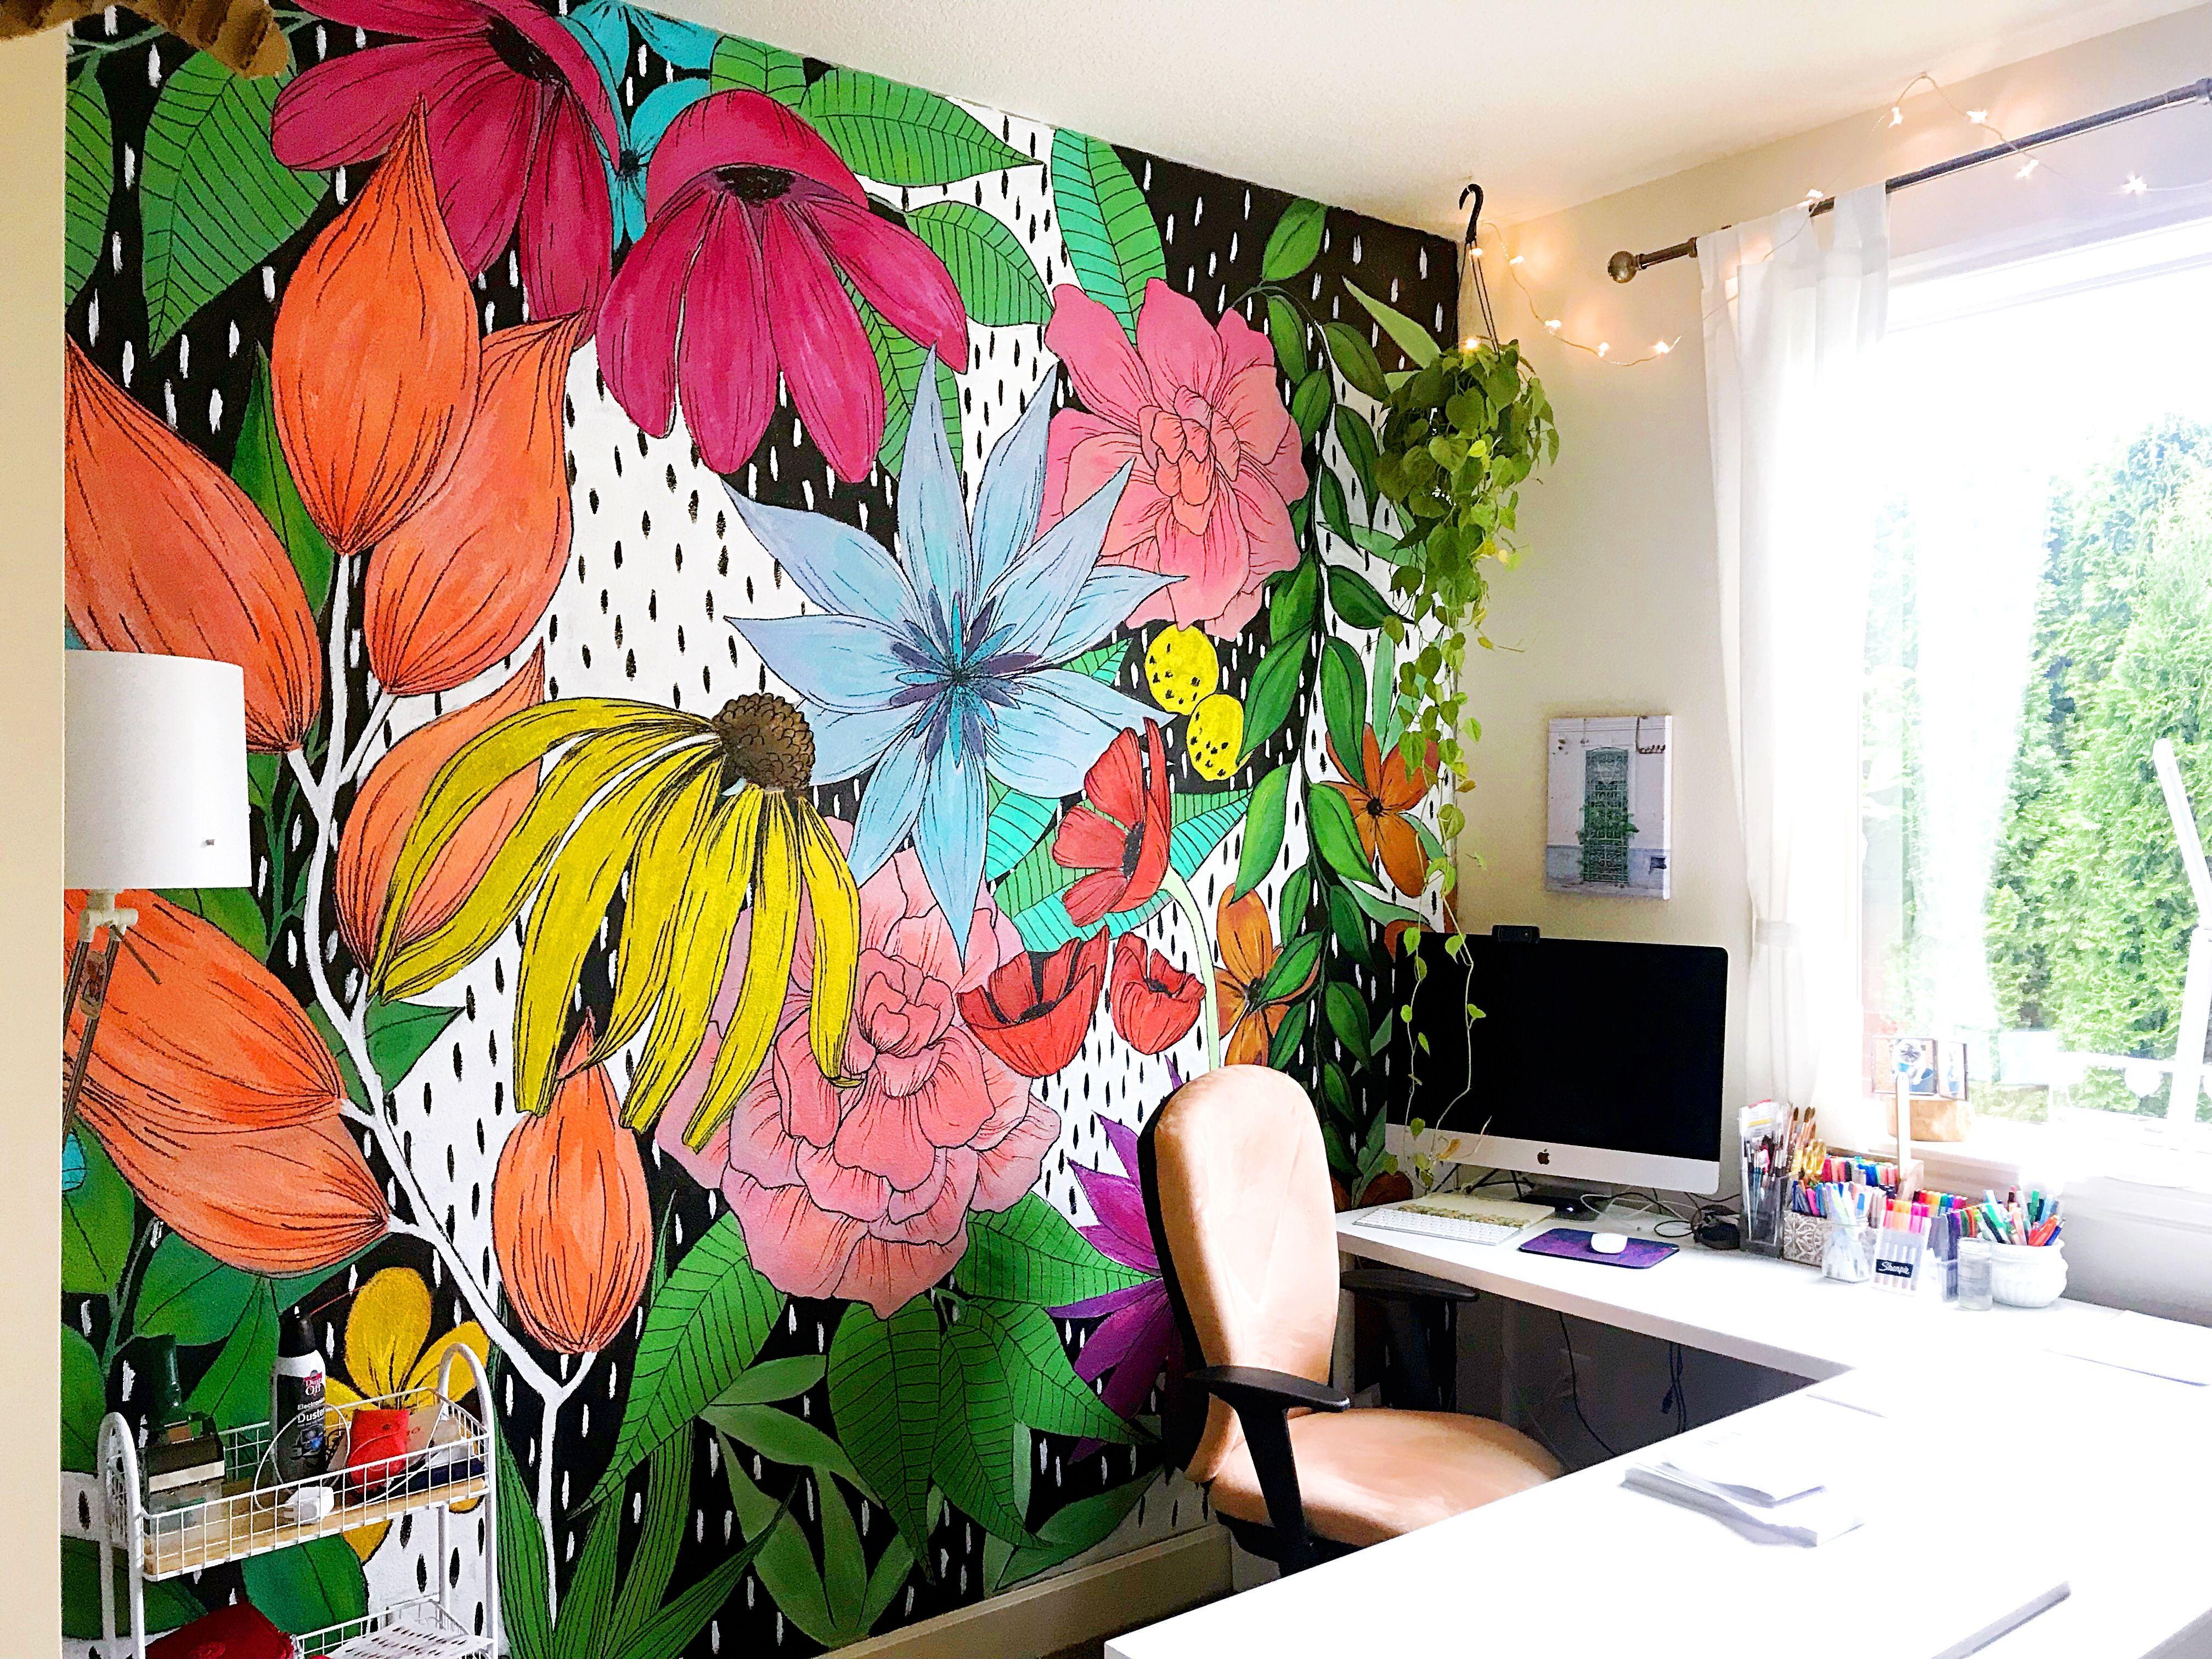 Diy Wall Murals Pinterest In 2020 Wall Murals Diy Wall Murals